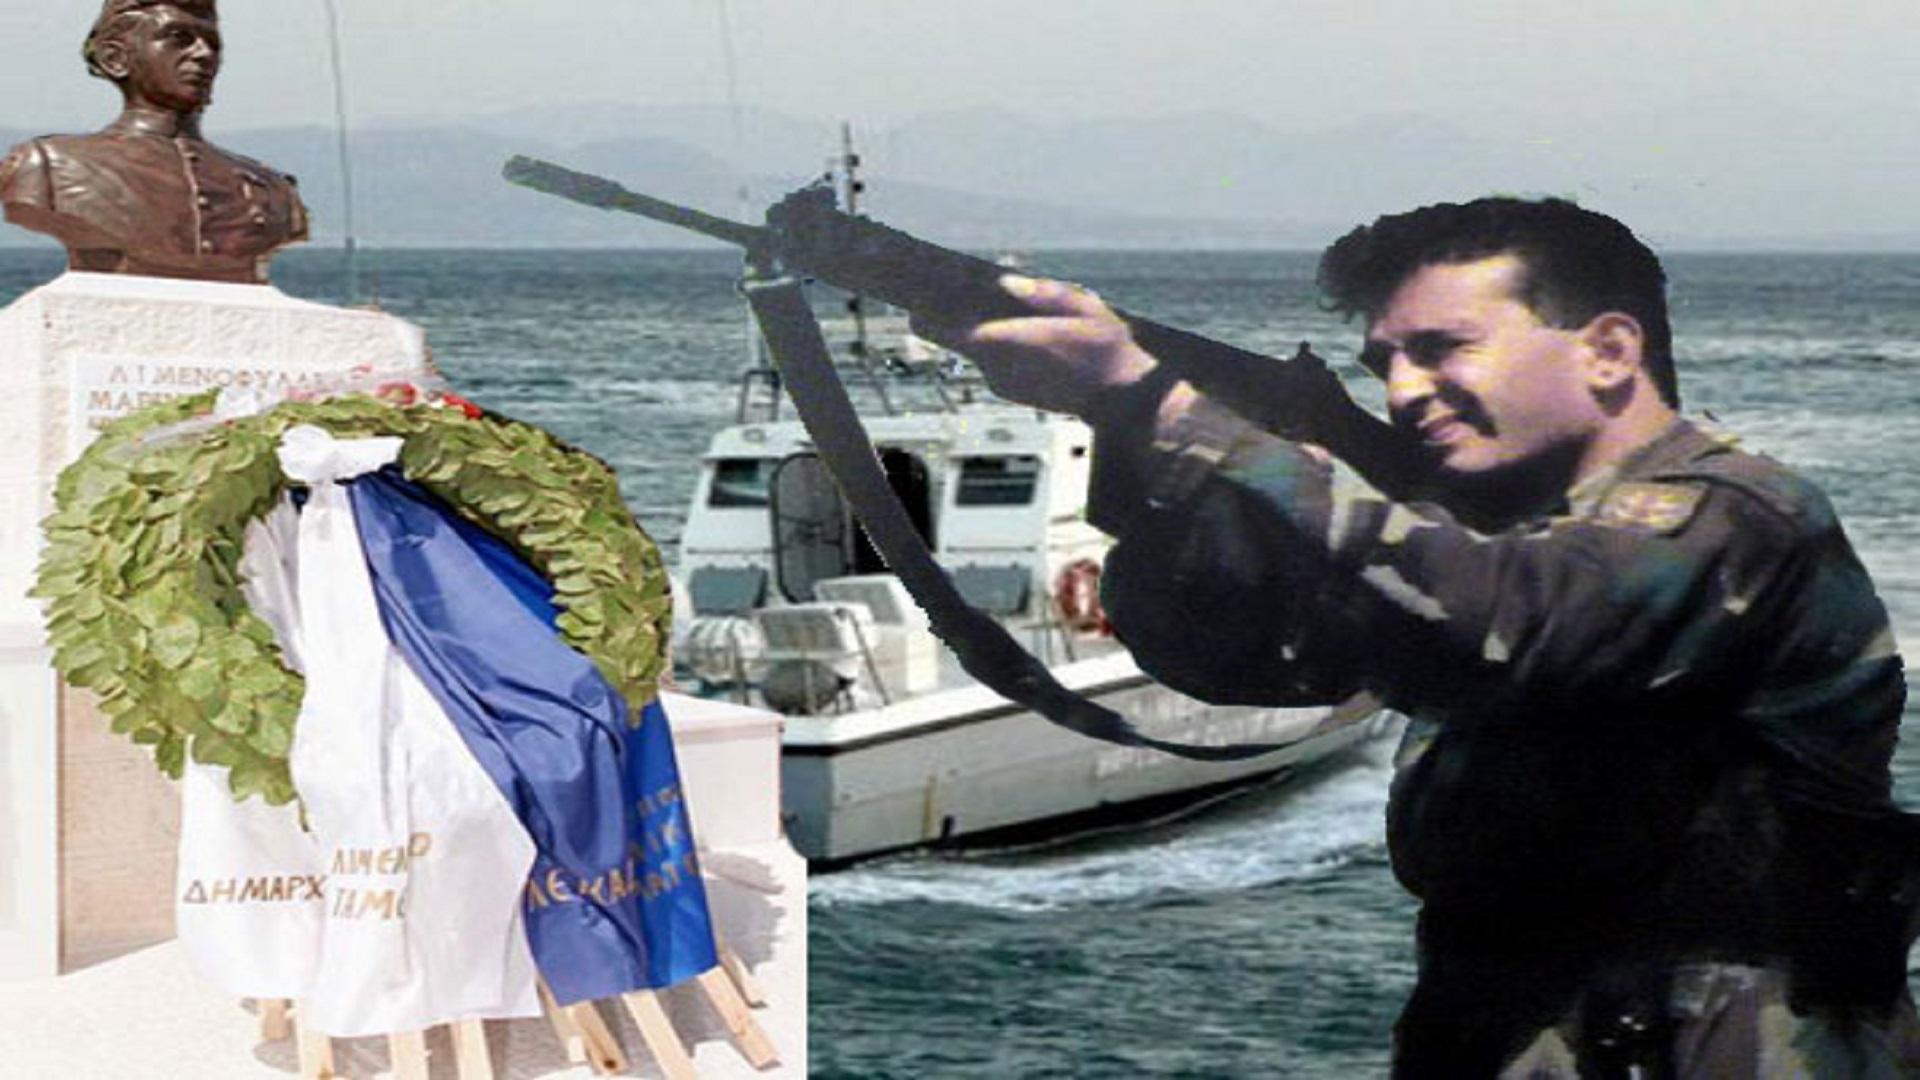 Σαν σήμερα «έφυγε» ηρωικά μαχόμενος σε συμπλοκή με Αλβανούς εμπόρους ναρκωτικών ο Λ/Φ ΖΑΜΠΑΤΗΣ ΜΑΡΙΝΟΣ. ΑΘΑΝΑΤΟΣ